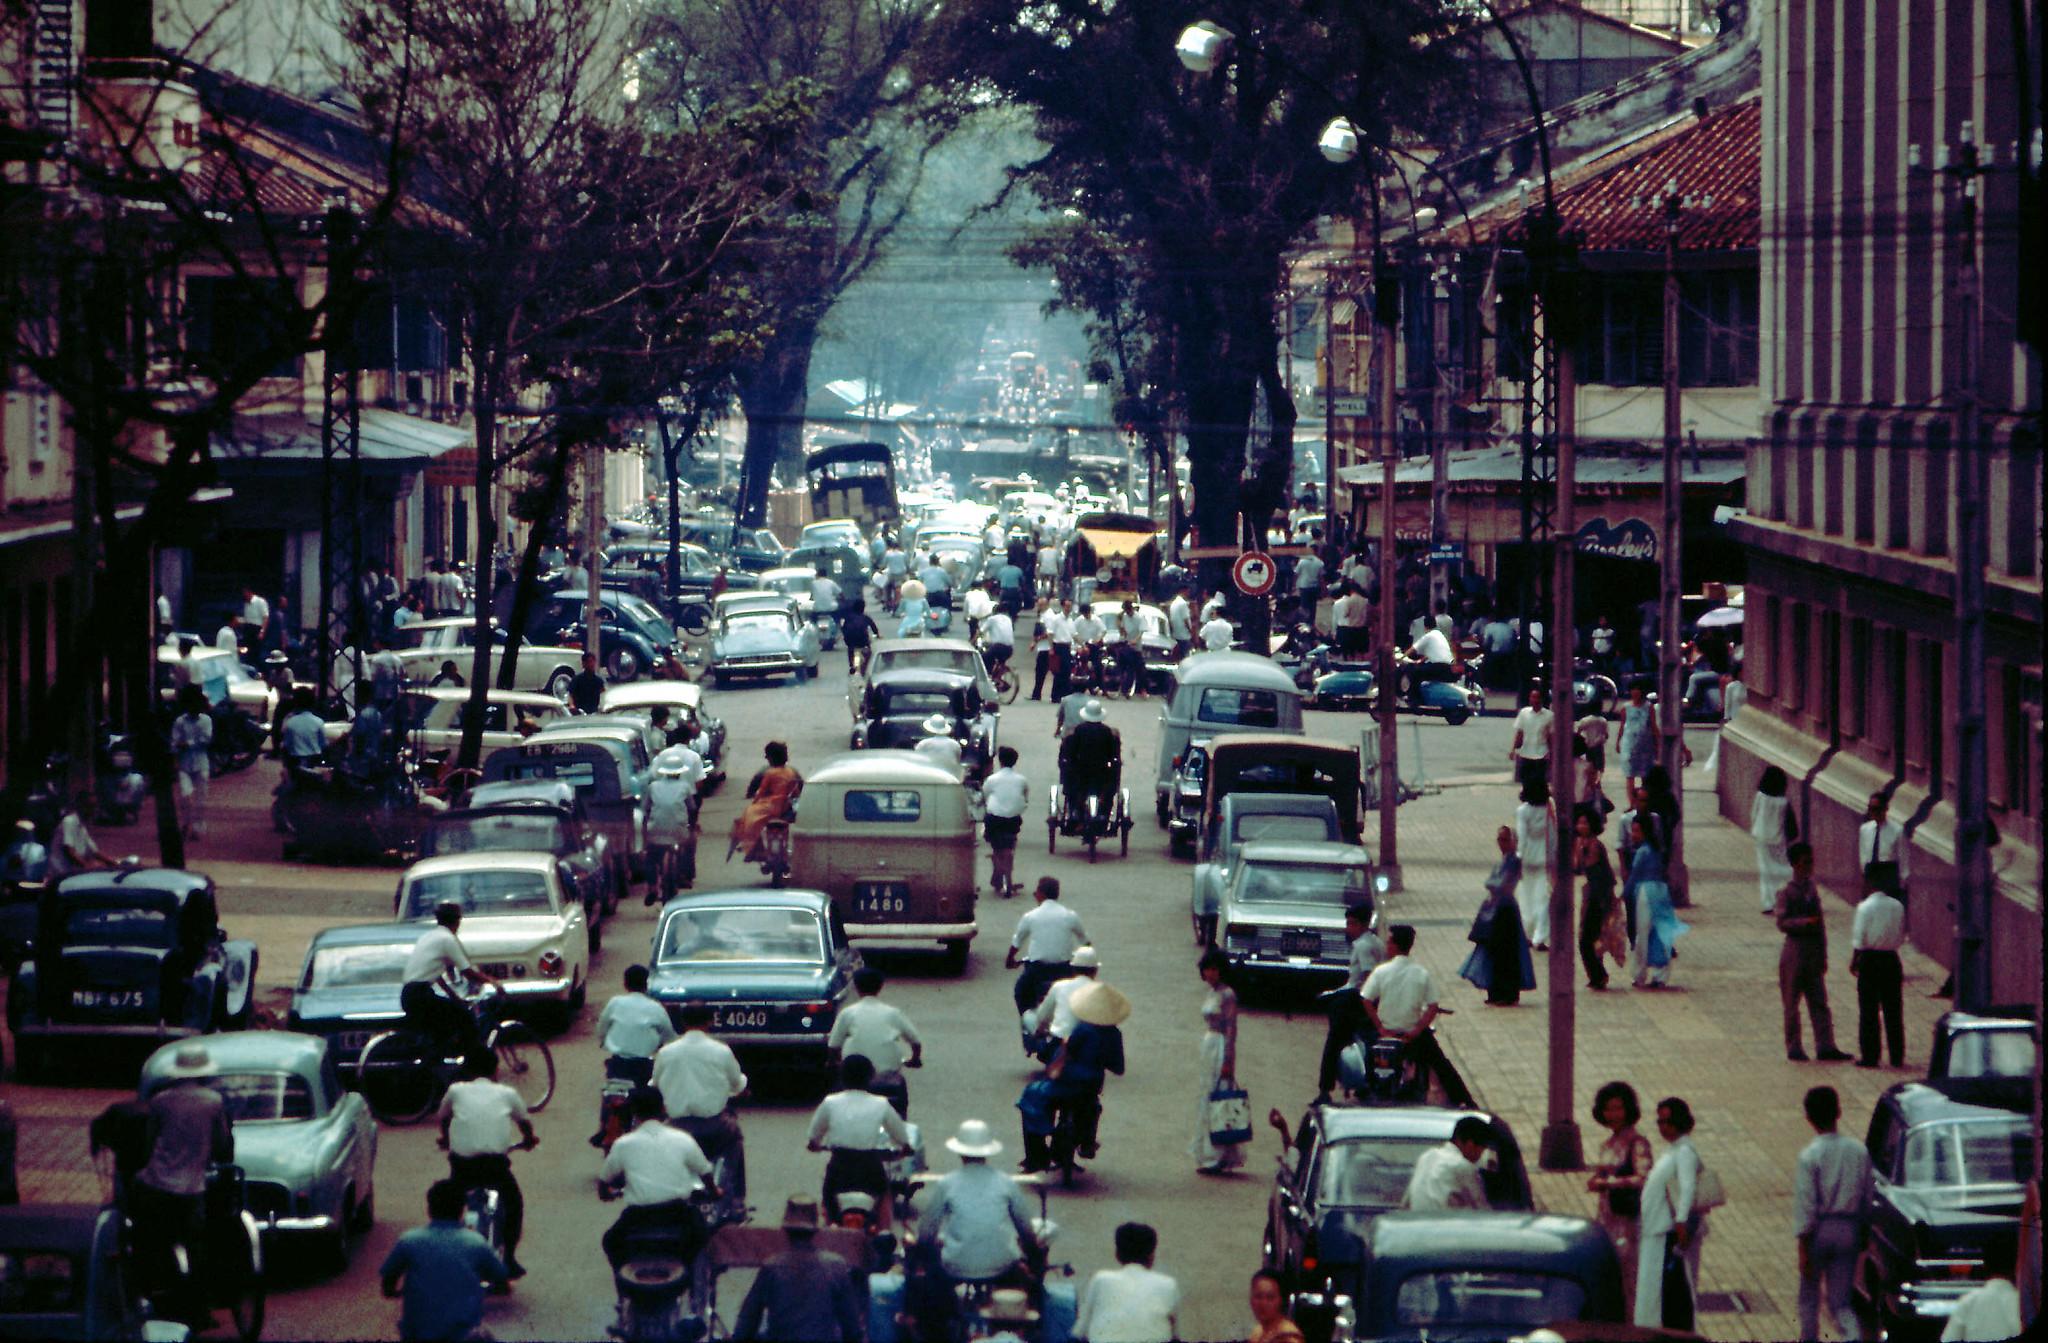 60 tấm ảnh màu đẹp nhất của đường phố Saigon thập niên 1960-1970 - 31